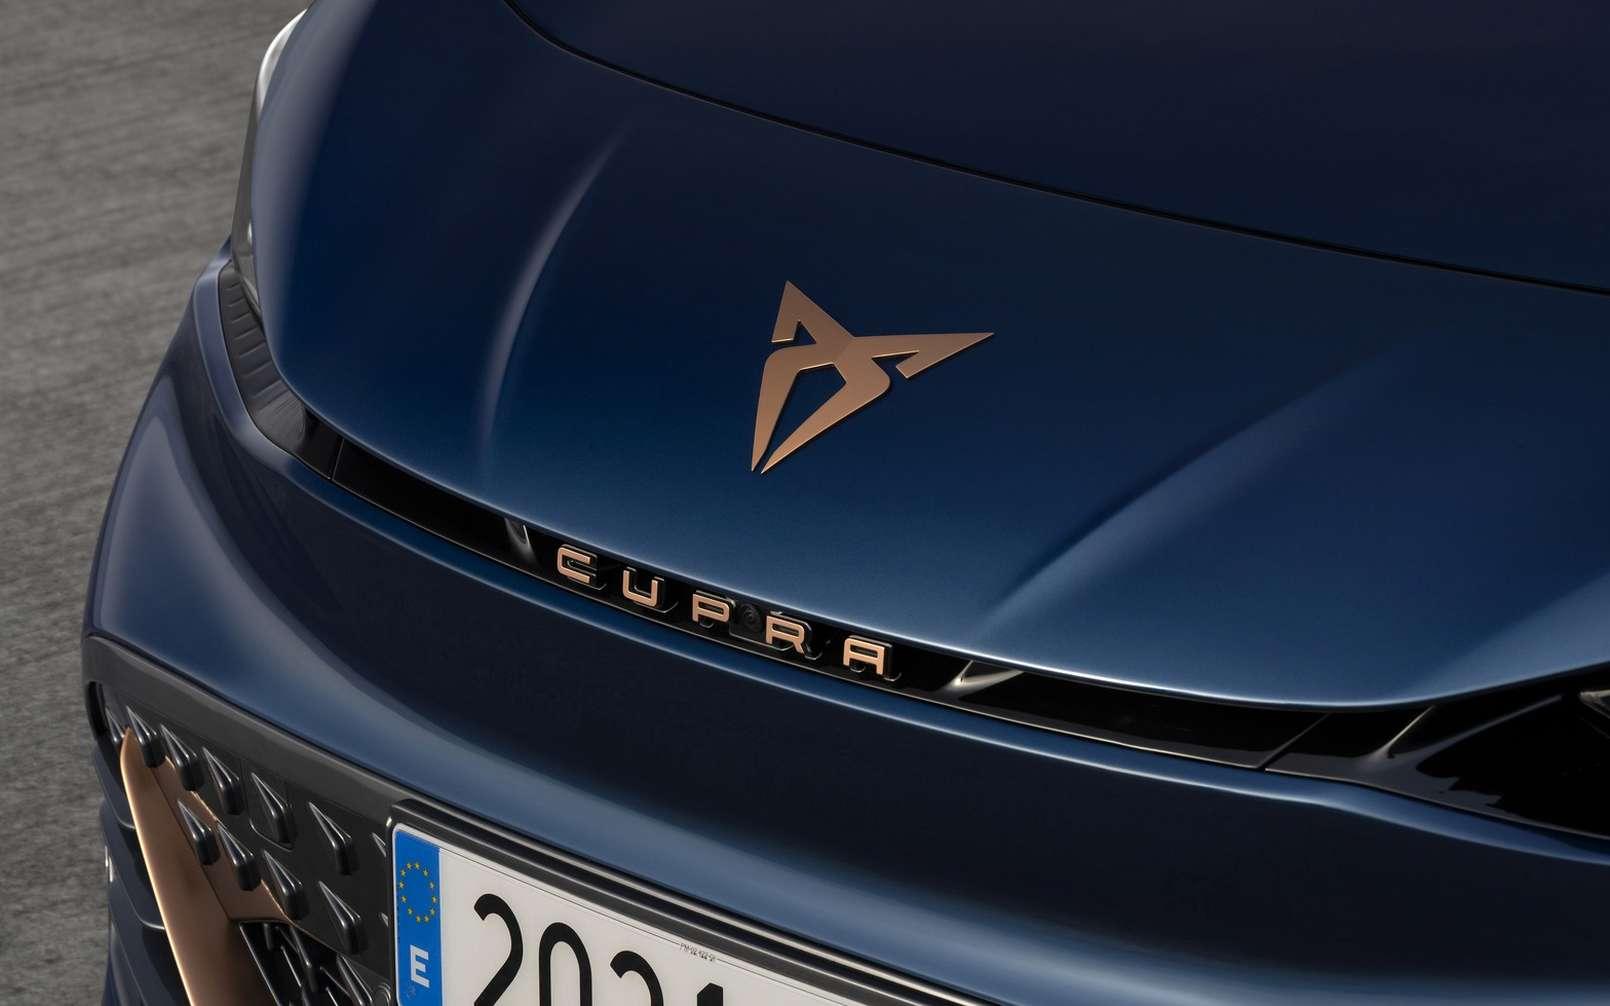 La Cupra Born affirme une ligne sportive et un style résolument haut de gamme. © Cupra